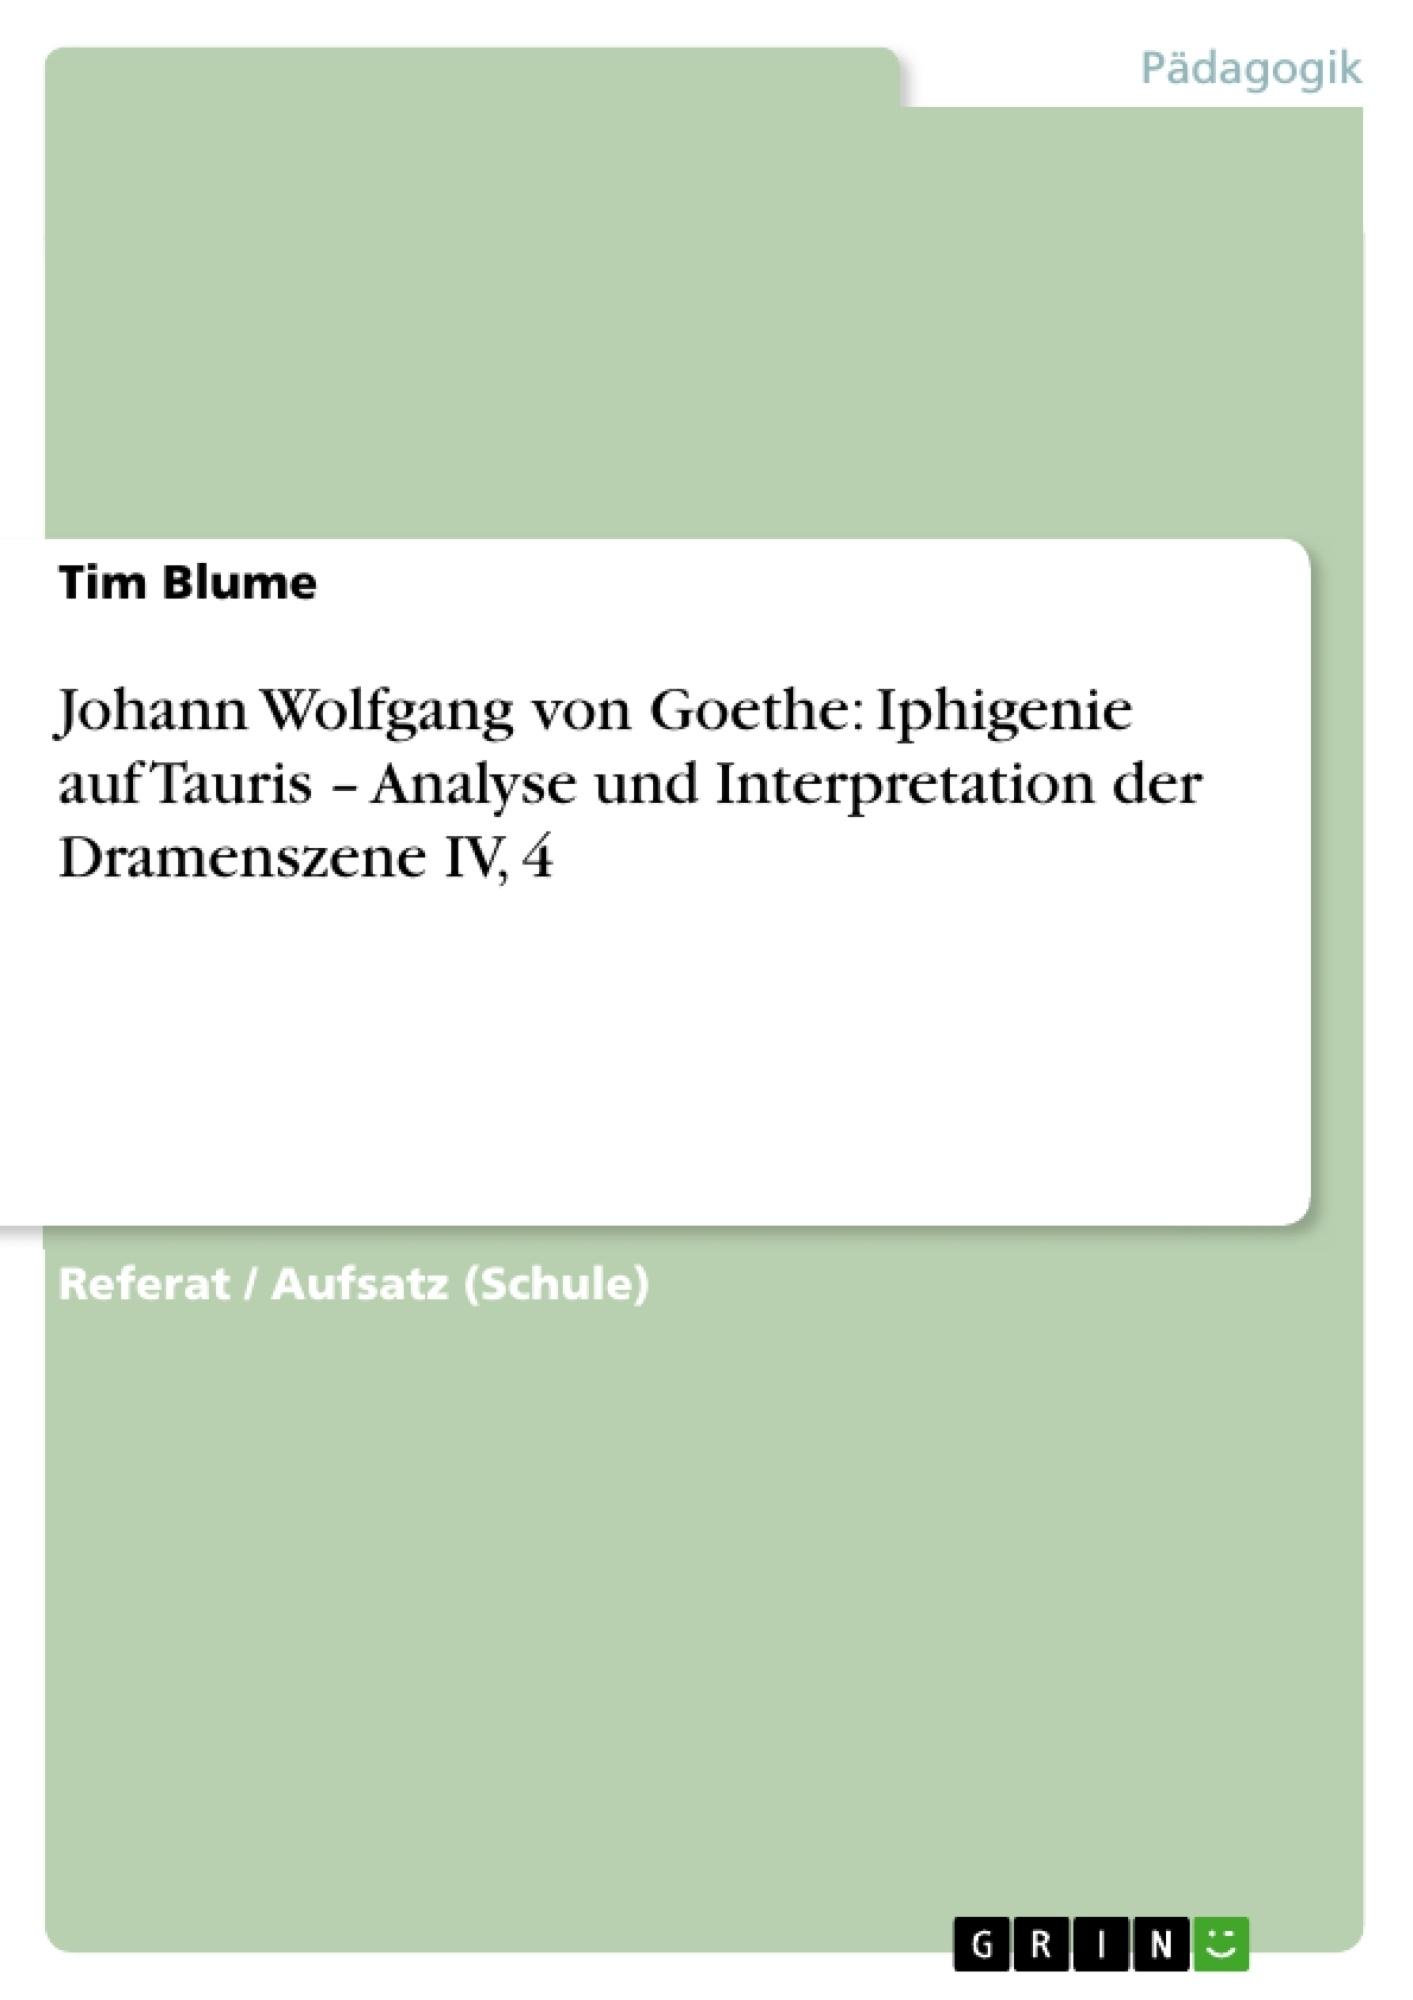 Titel: Johann Wolfgang von Goethe: Iphigenie auf Tauris – Analyse und Interpretation der Dramenszene IV, 4